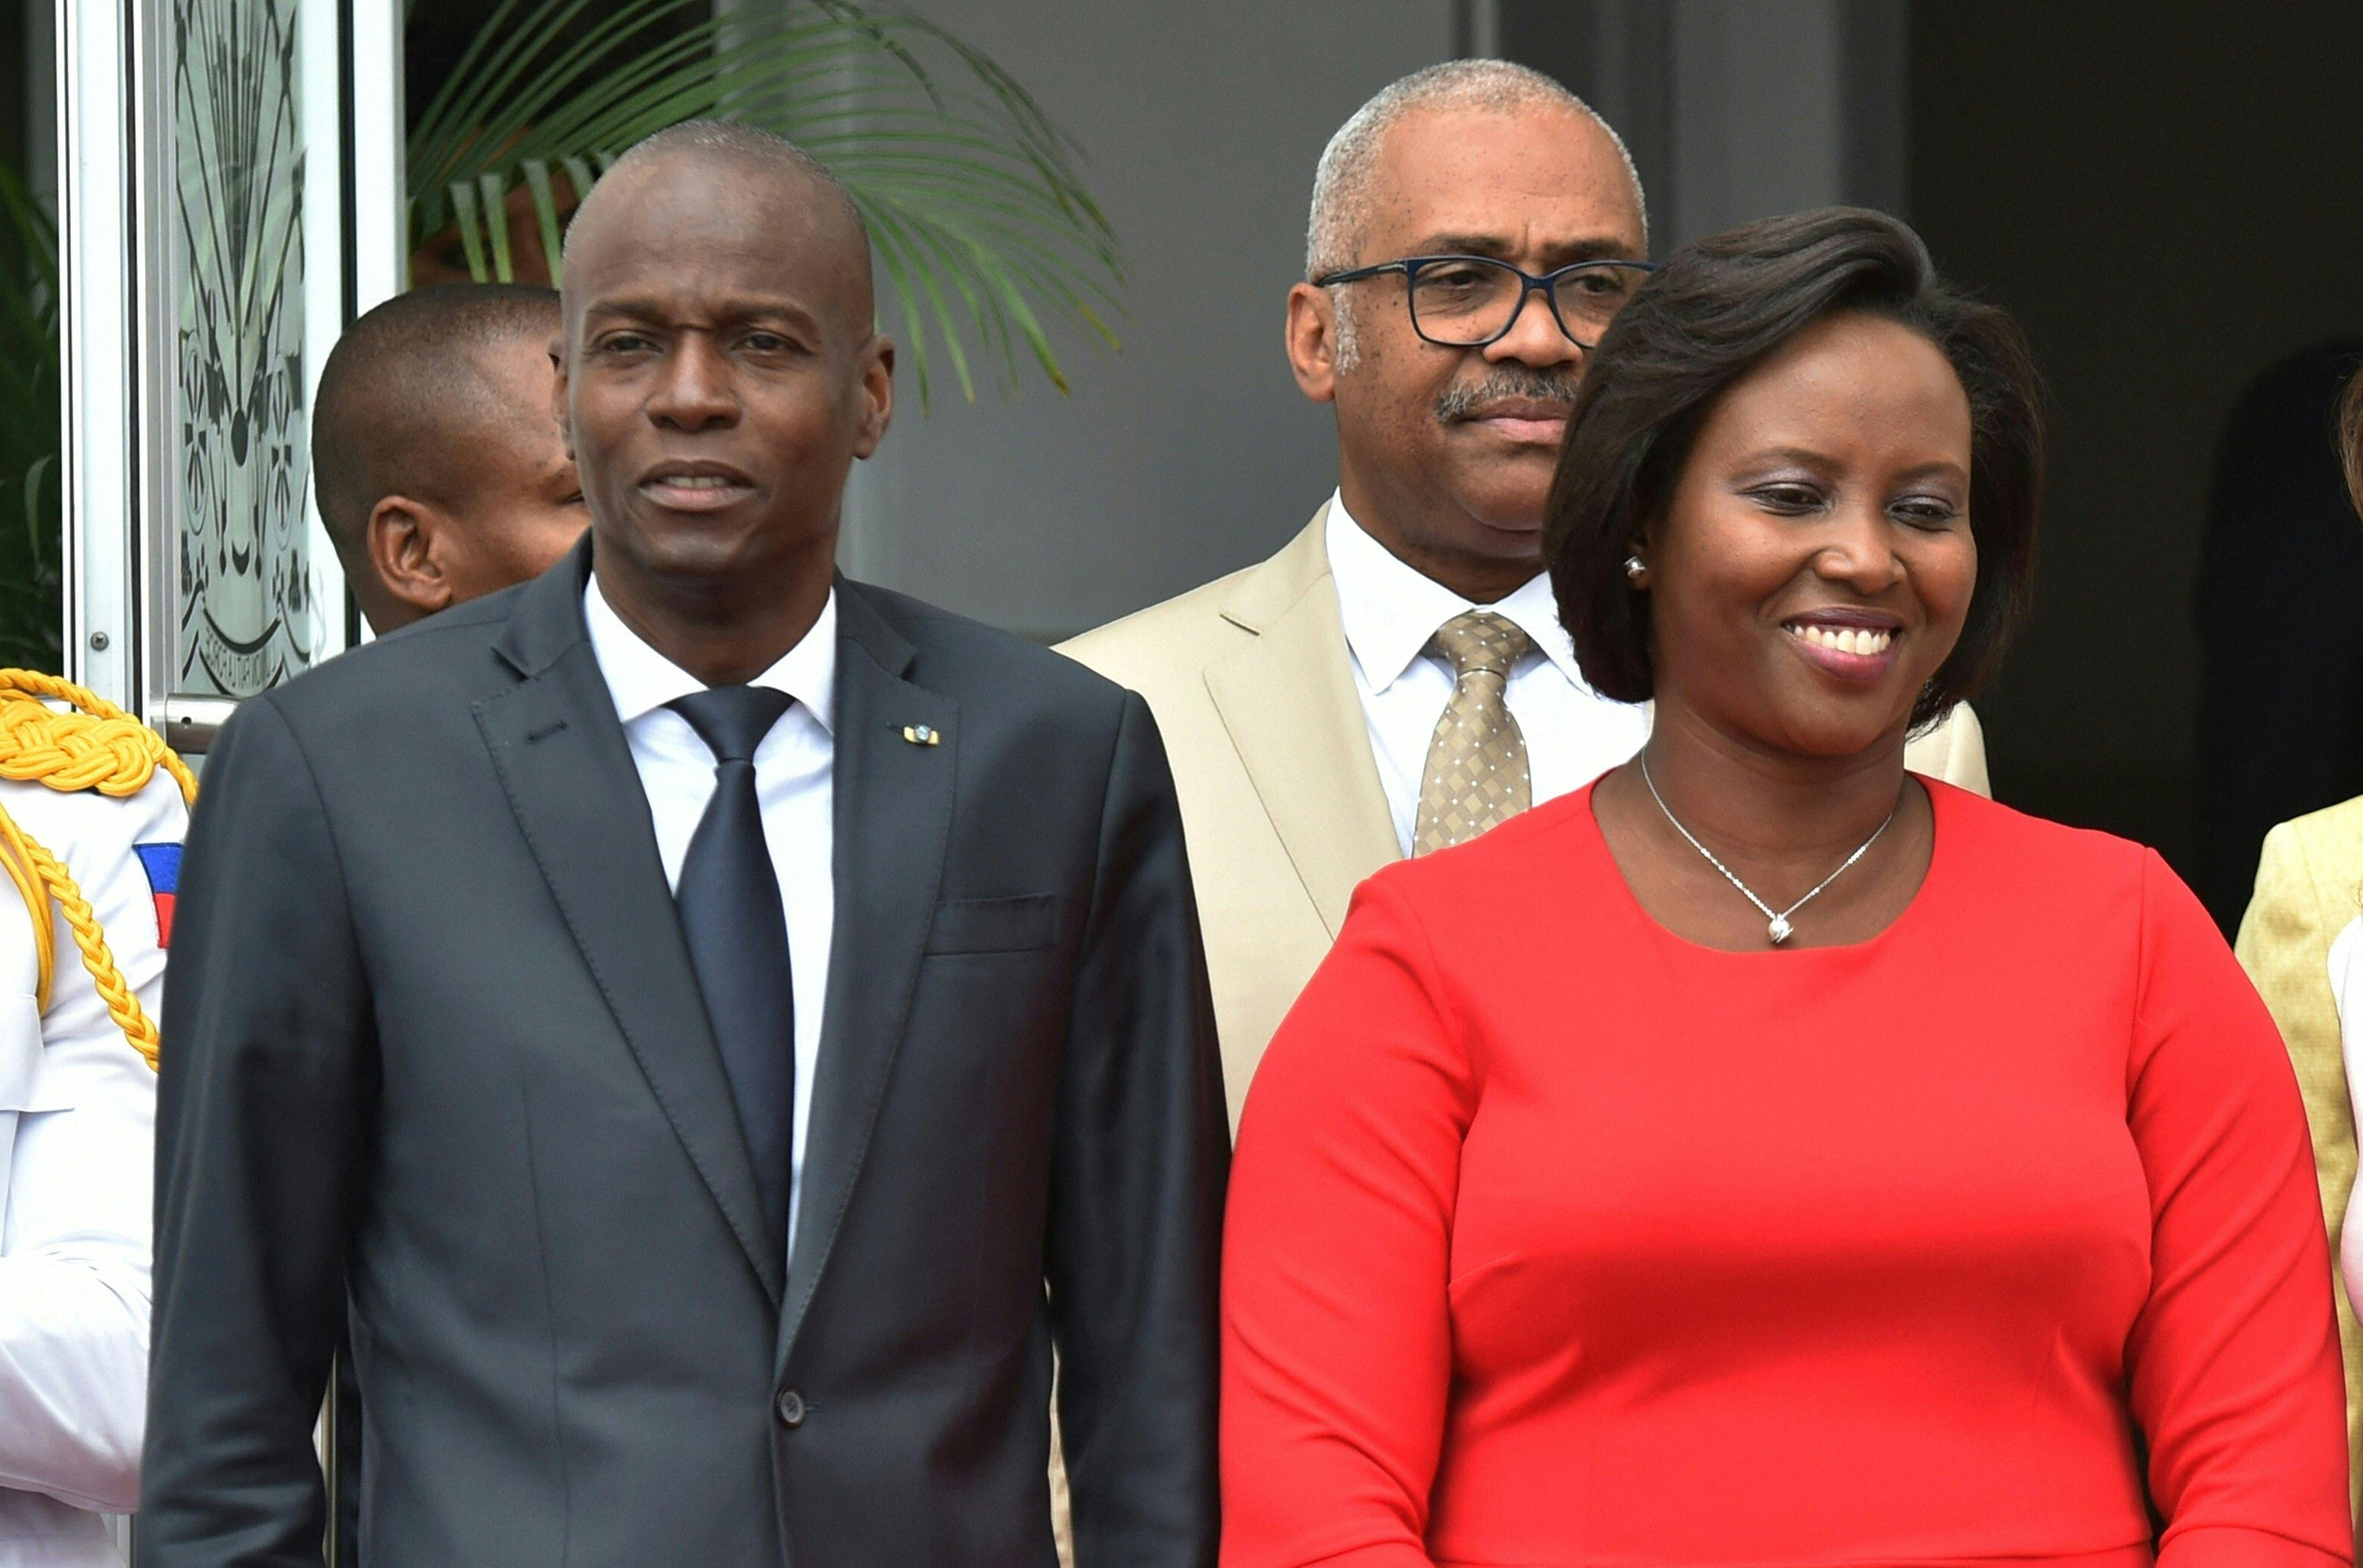 A zsoldosok pillanatok alatt végeztek Haiti elnökével, mondta el özvegye